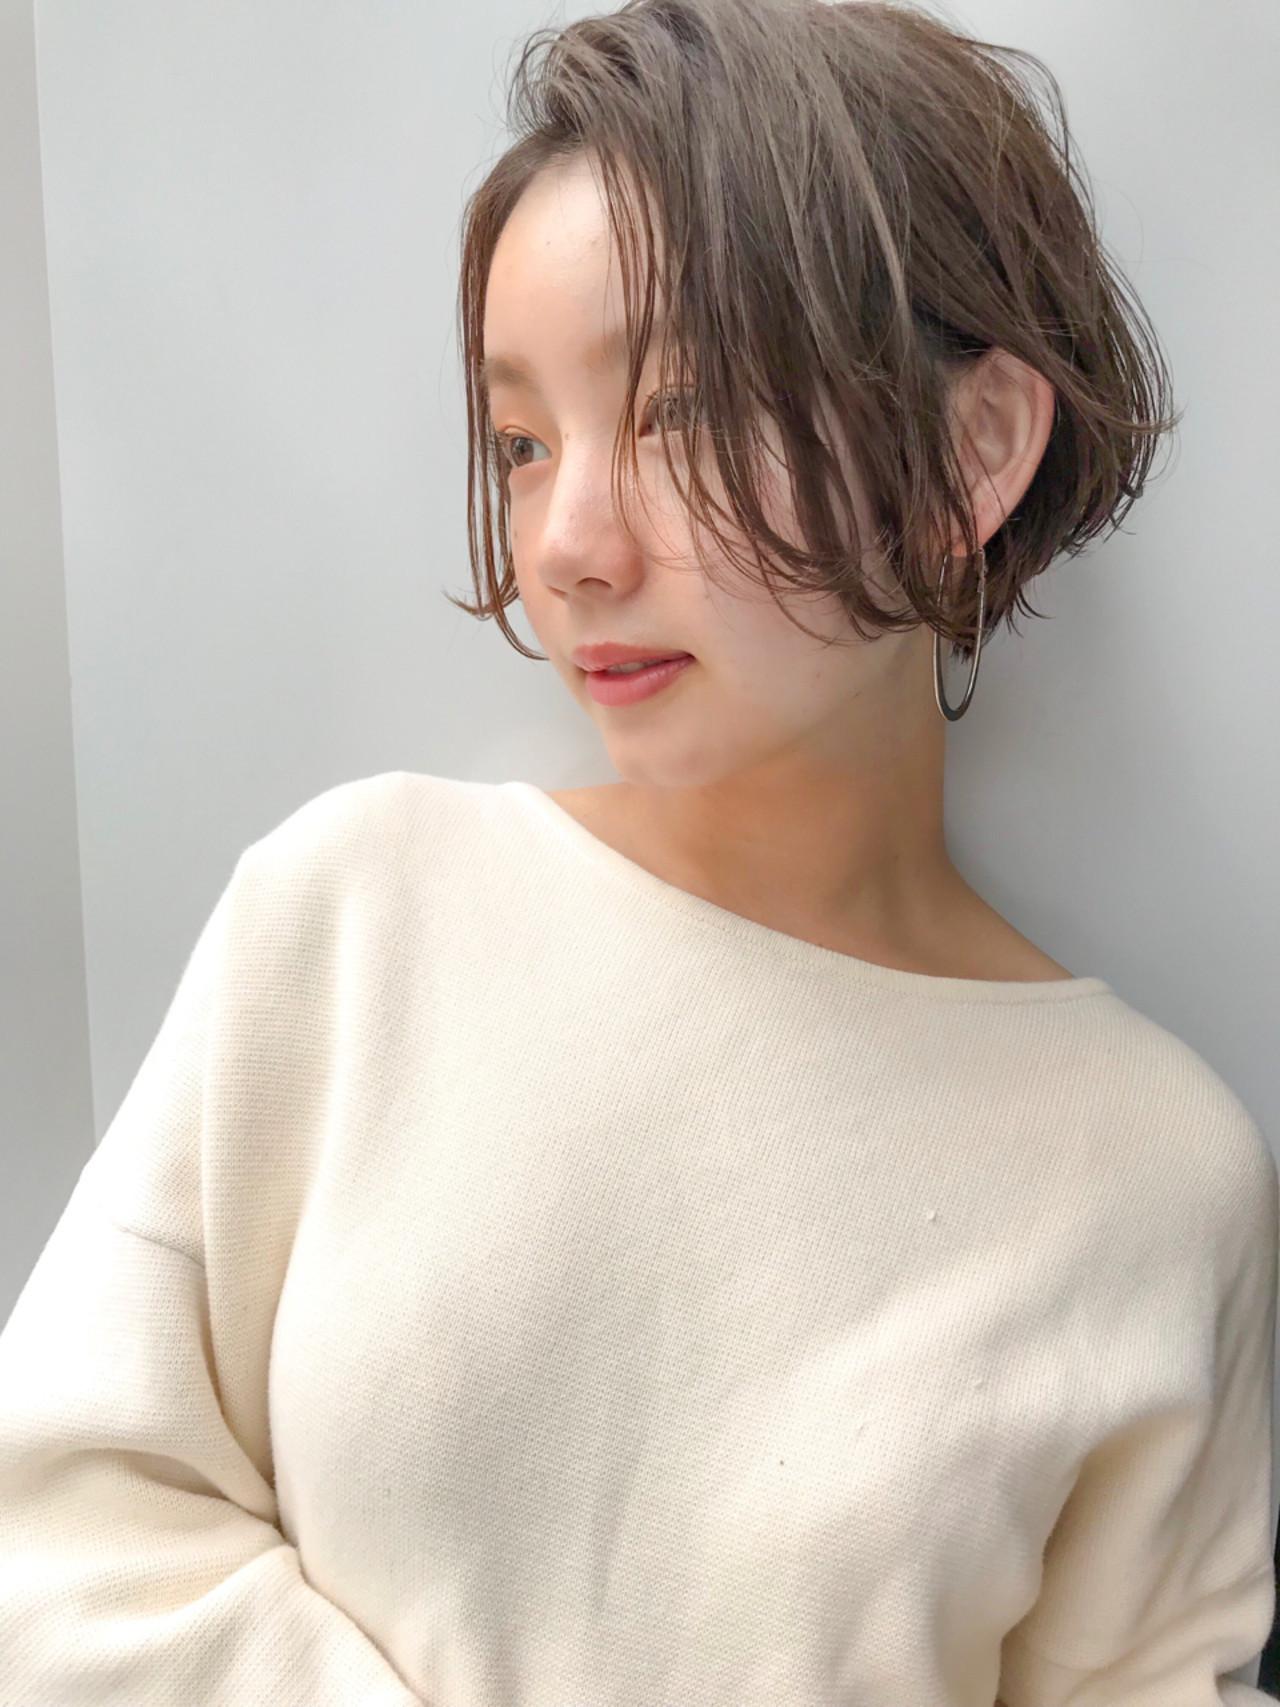 【髪型に迷う女子必見!】流行りの髪型でおしゃれ女子に変身♡の2枚目の画像